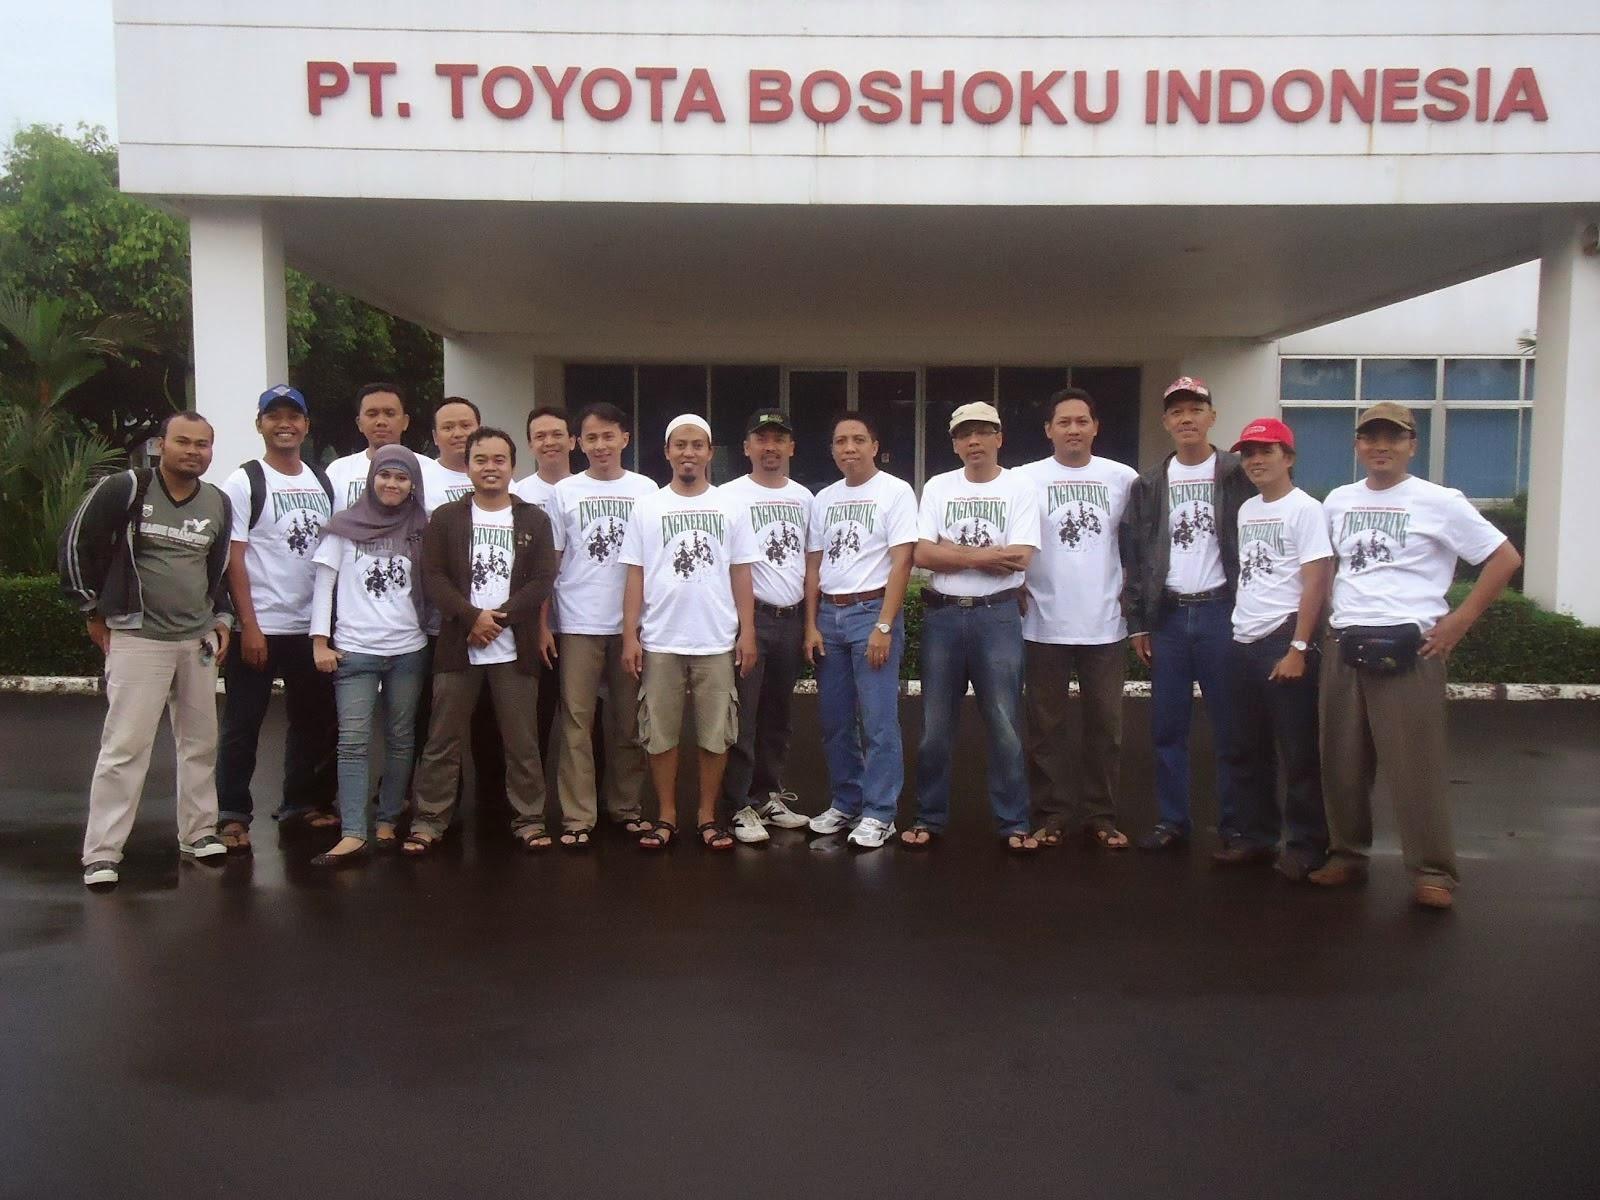 Lowongan Pt Daerah Mm2100 Lowongan Kerja Pt Kaltim Prima Coal Terbaru September 2016 Lowongan Kerja Kawasan Mm2100 Kawasan Indonesia Share The Knownledge